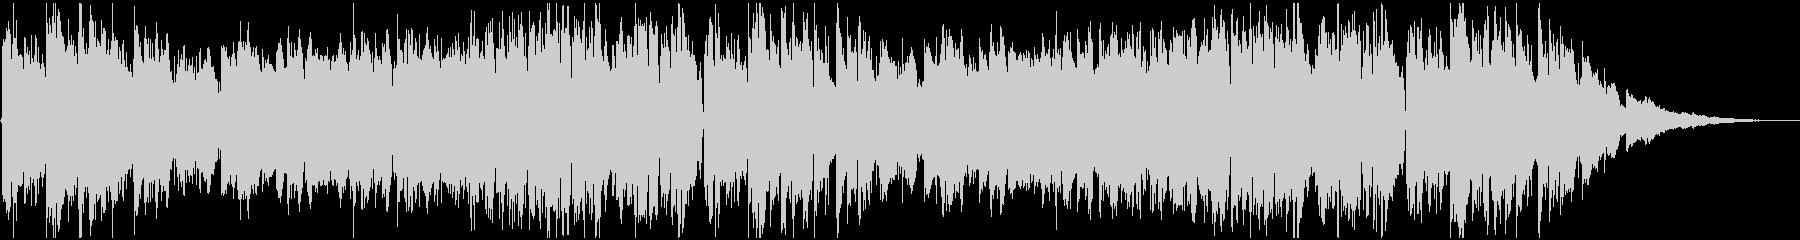 穏やかな日常を描くアコギ中心のインスト曲の未再生の波形